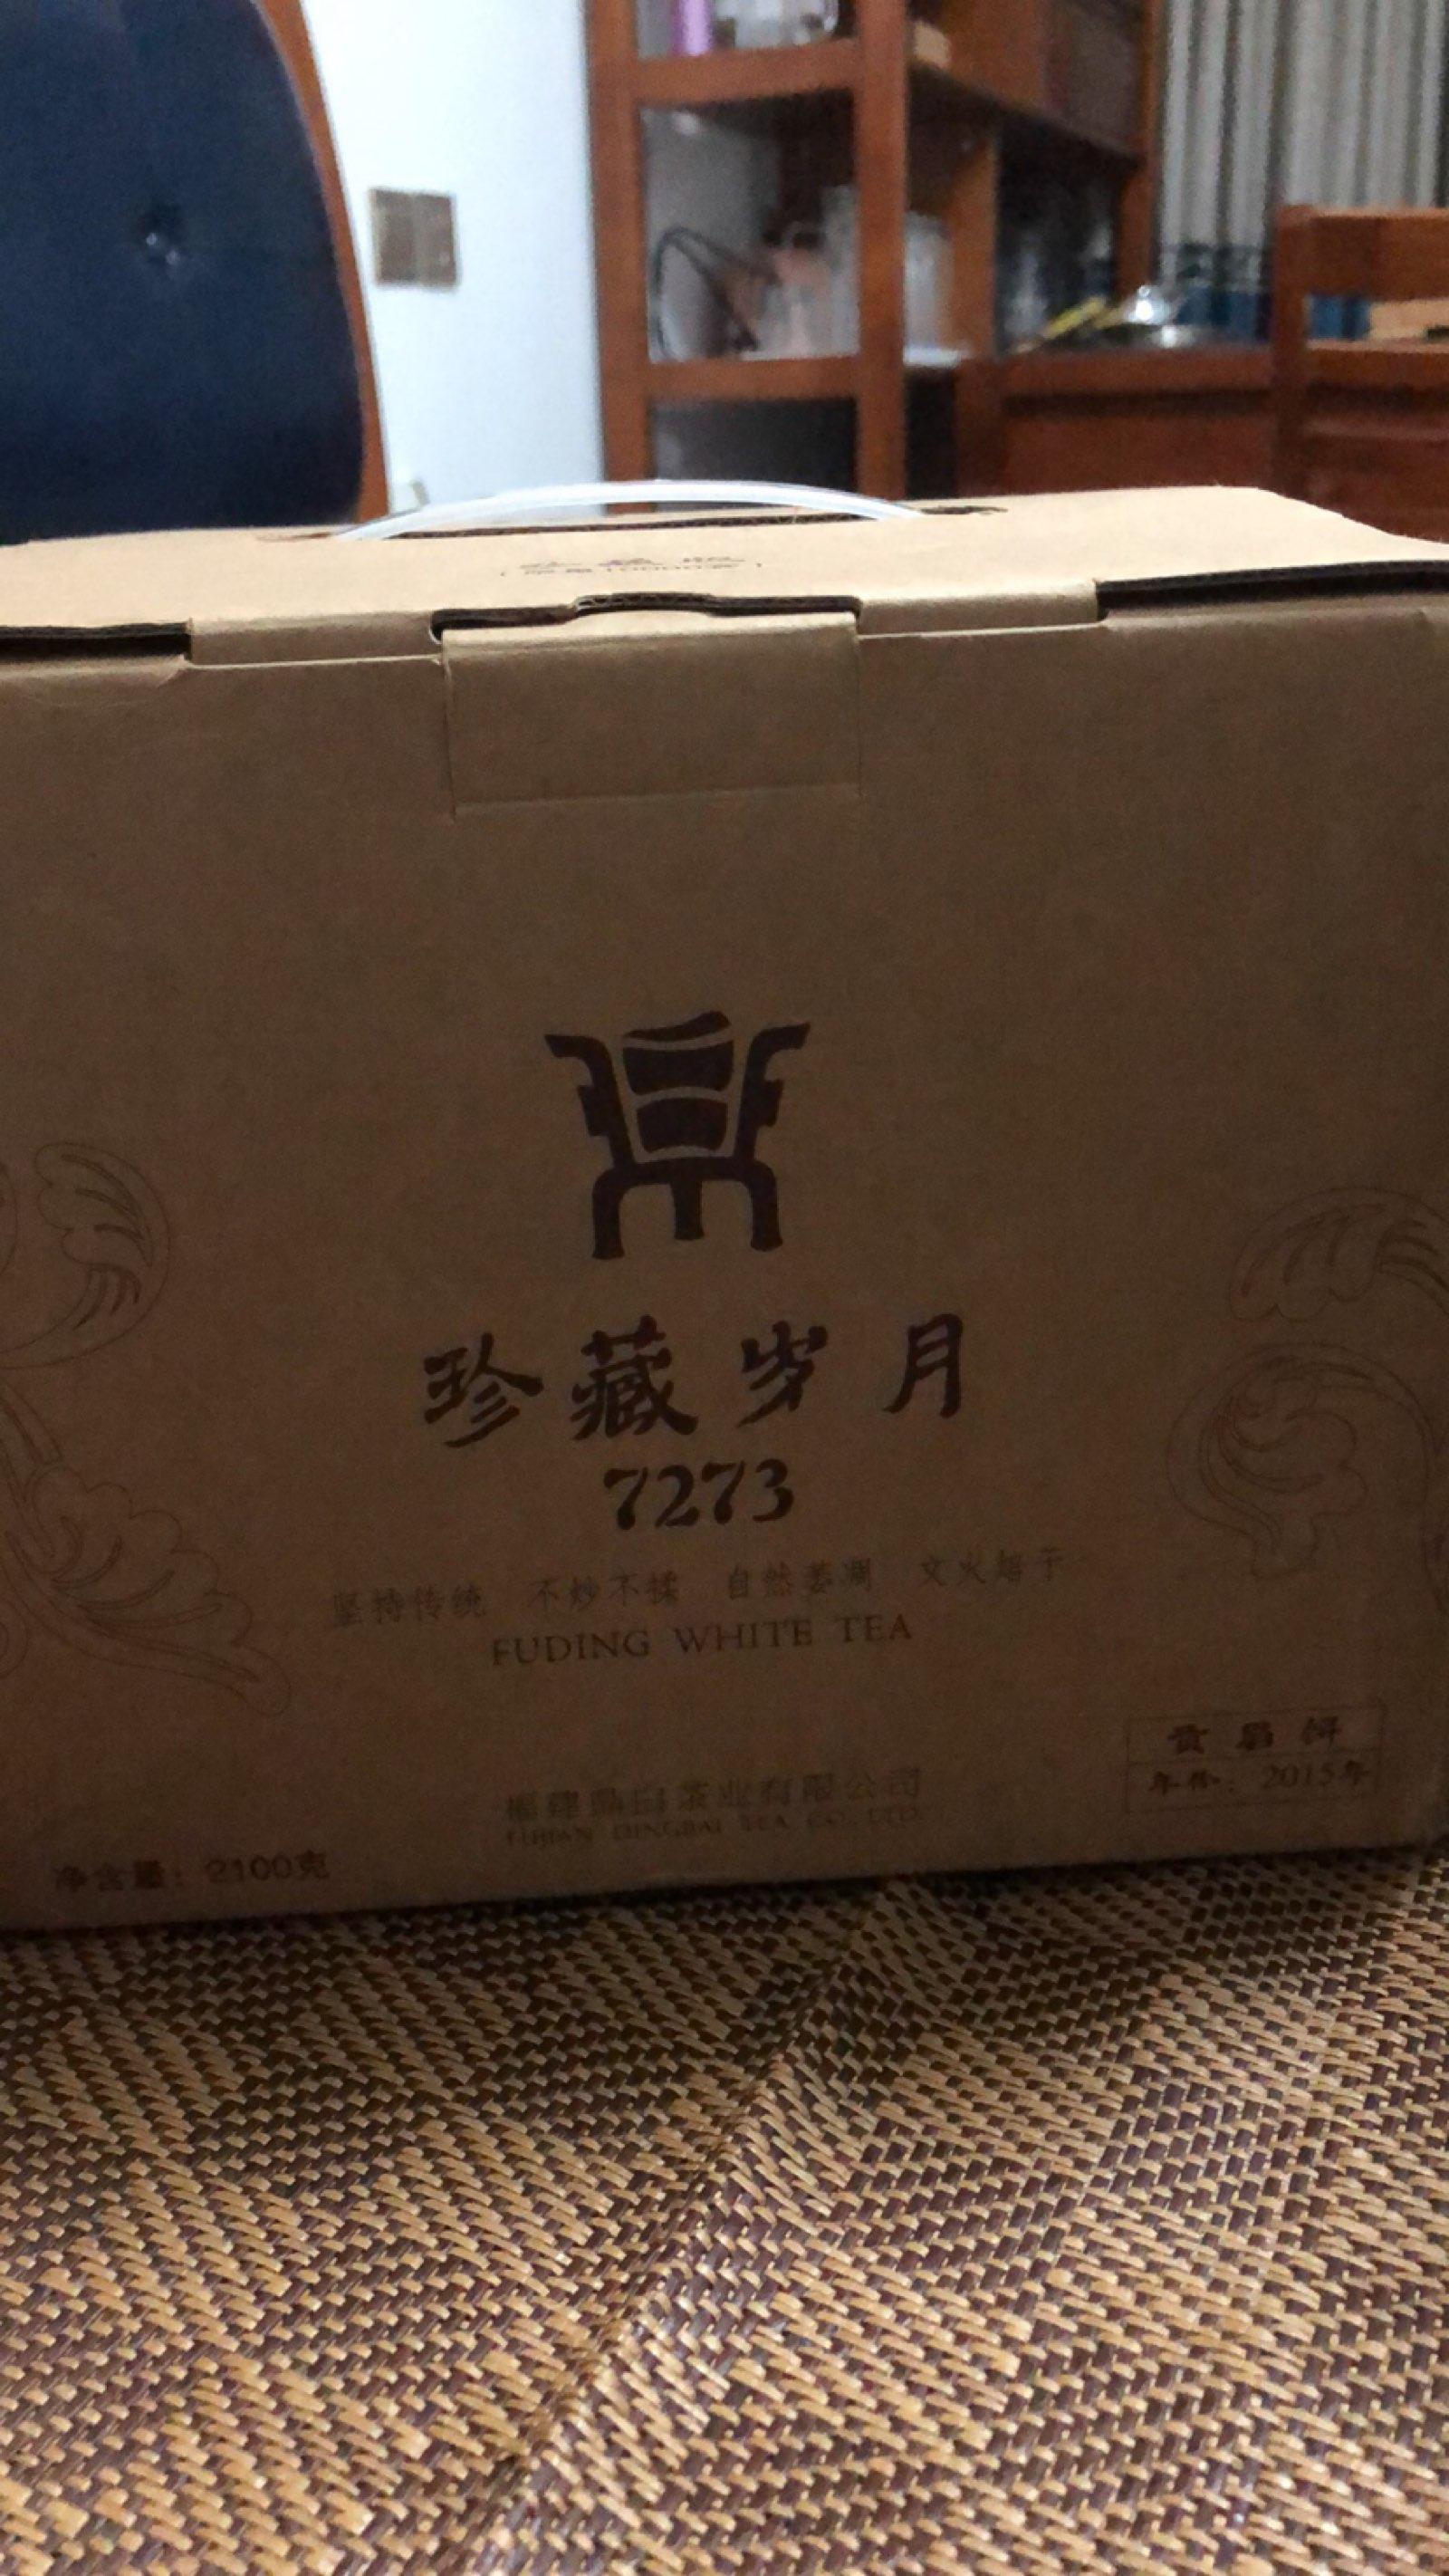 鼎白茶业,世界最大的晒场